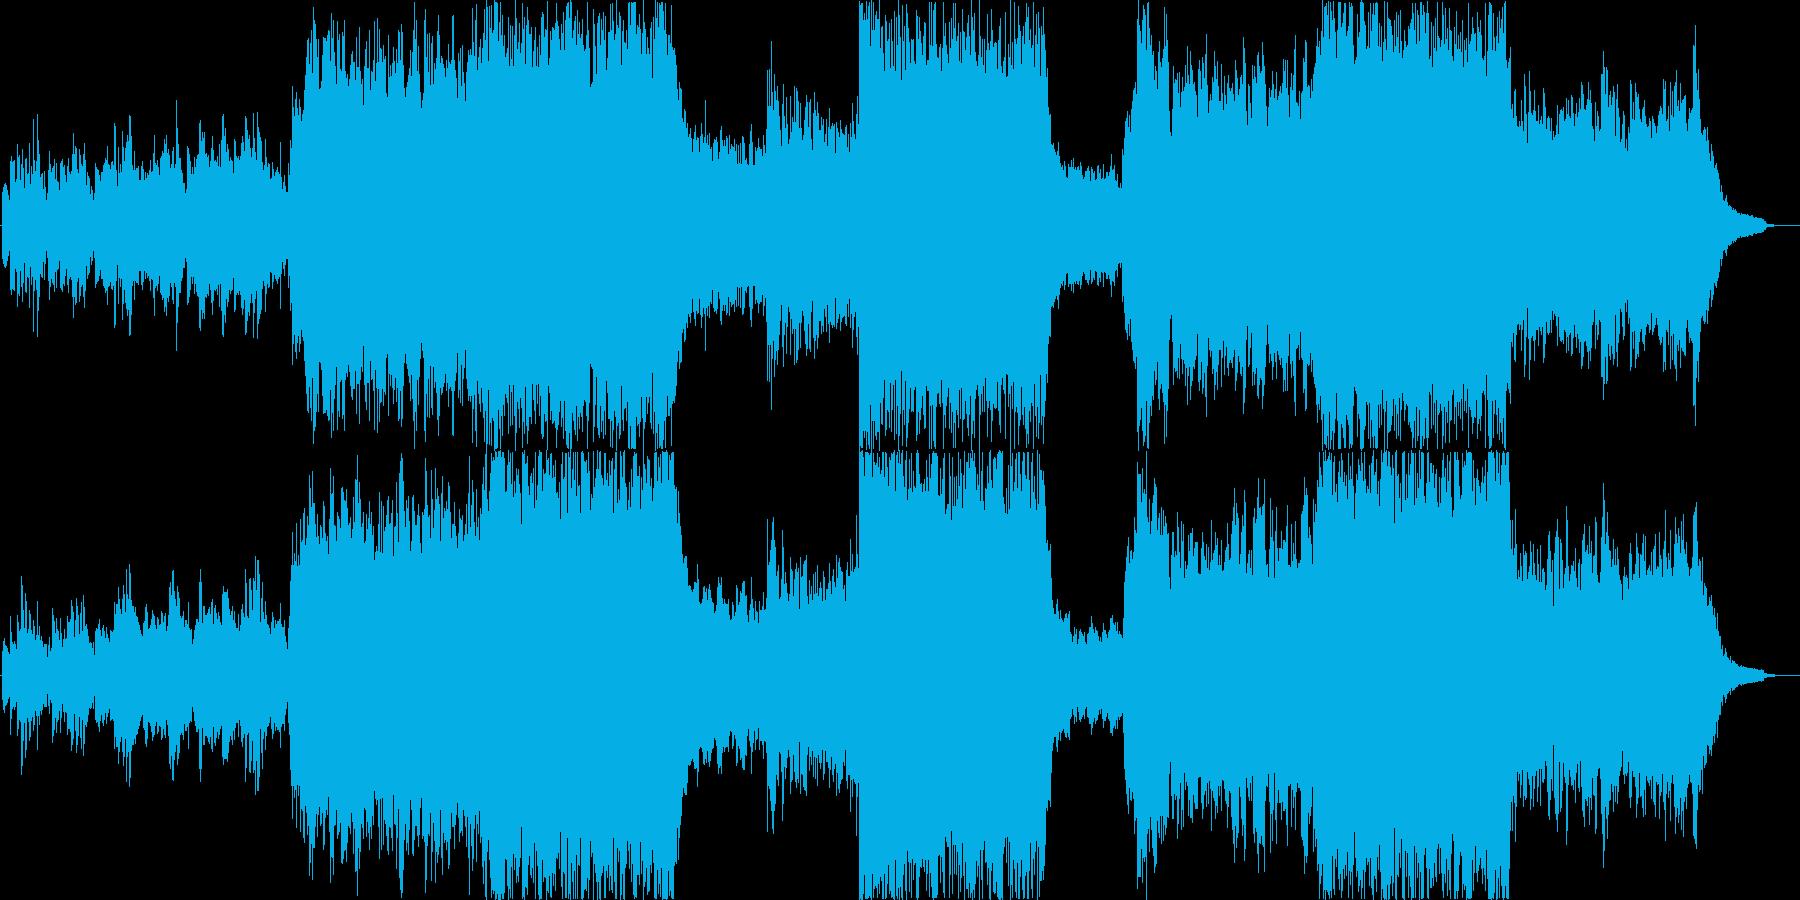 幻想的で壮大なバイオリンのシネマ楽曲の再生済みの波形